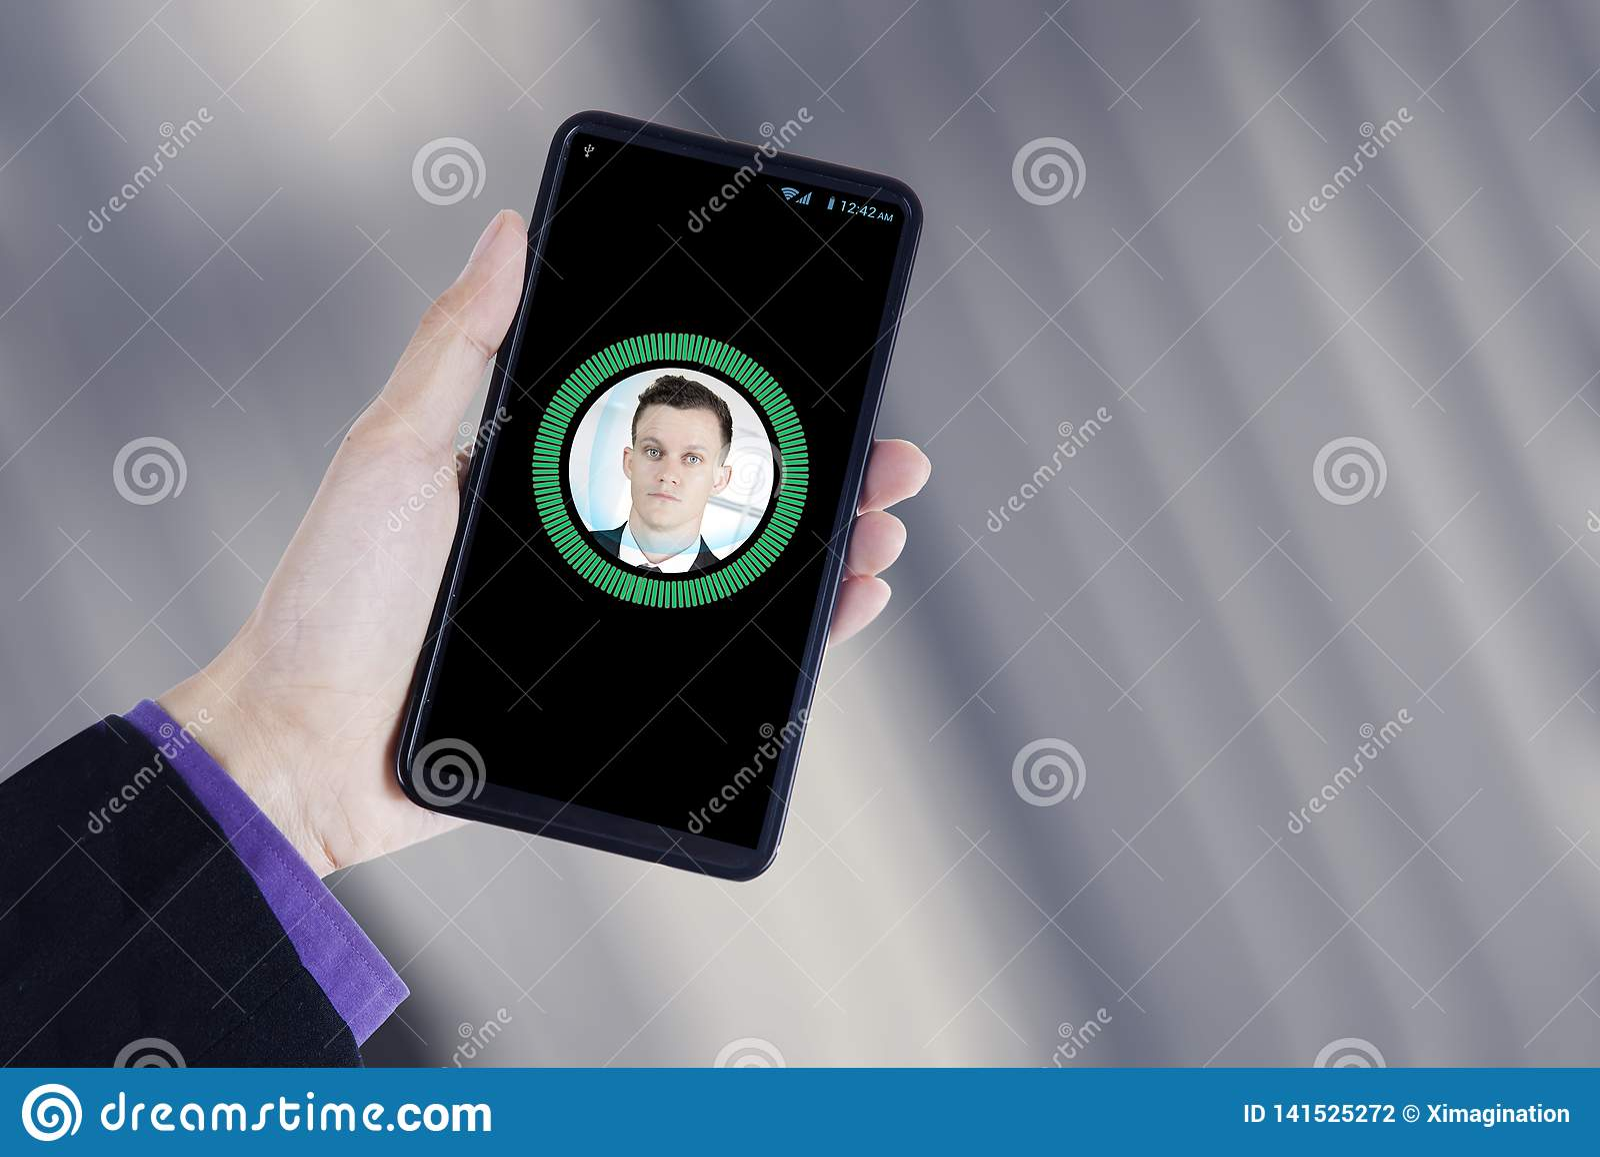 La main tient un smartphone avec l identification de visage